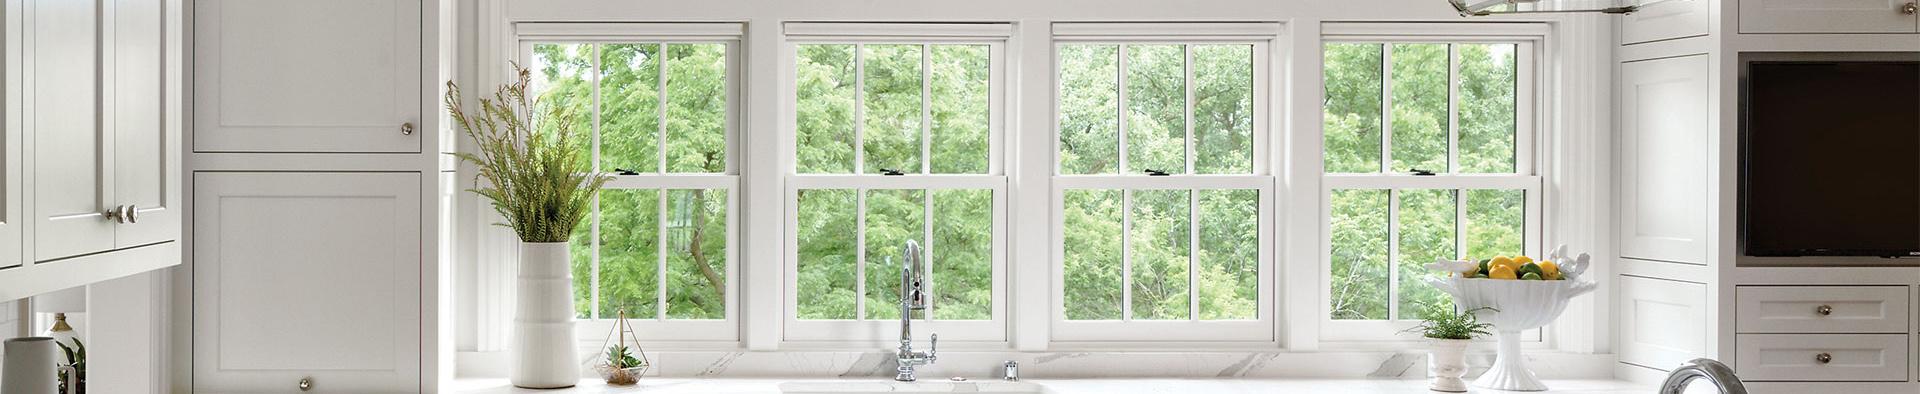 Marvin Wood Windows Amp Patio Doors Windowrama